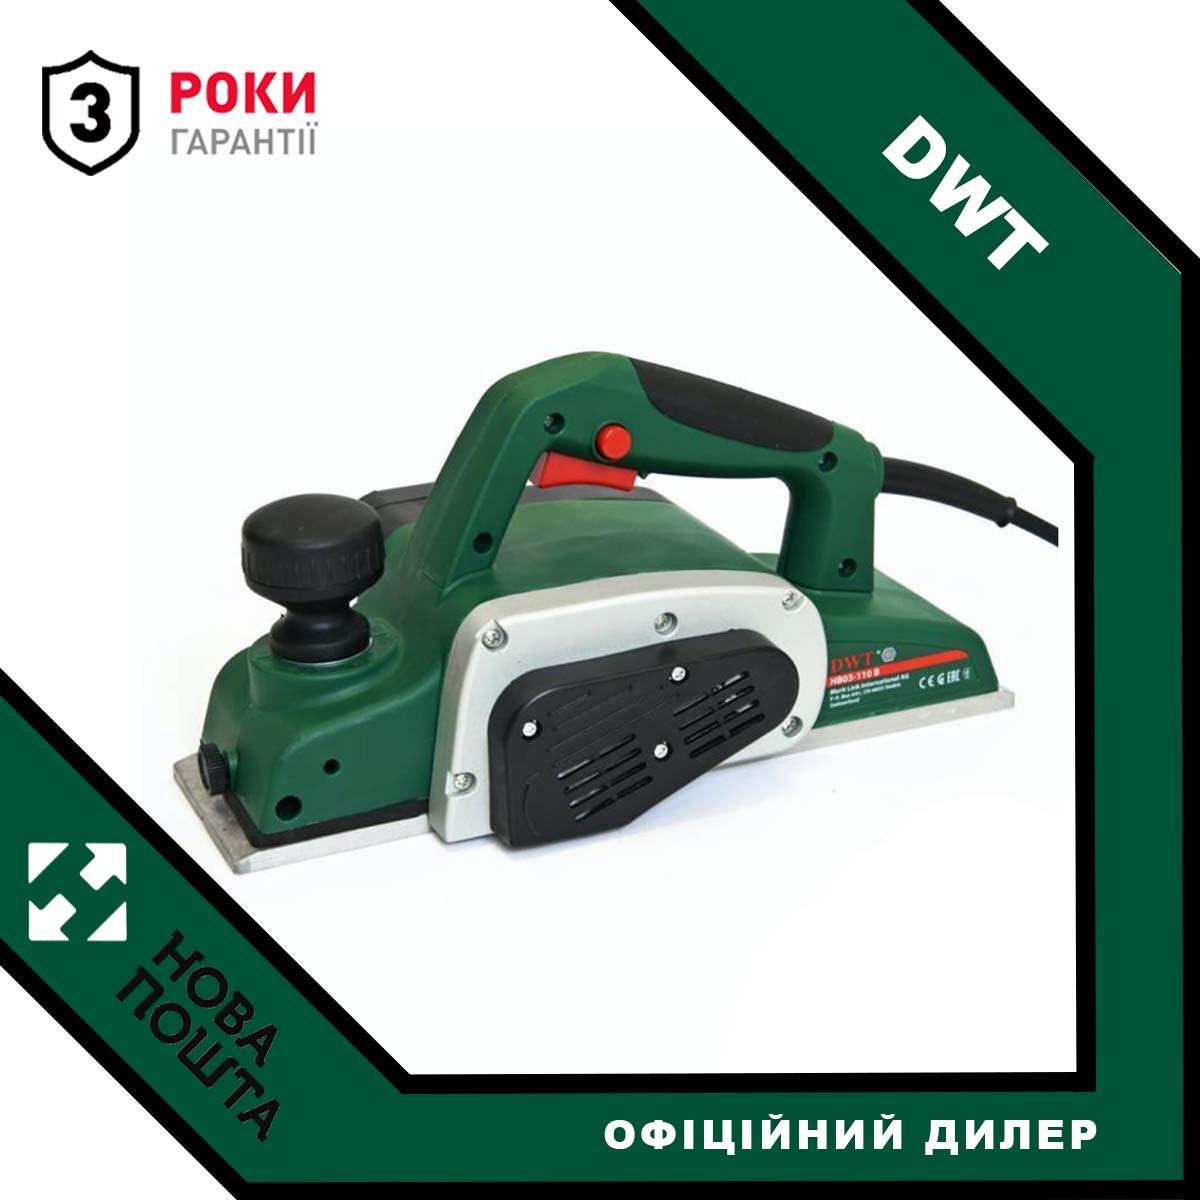 Електрорубанок DWT HB03-110 B